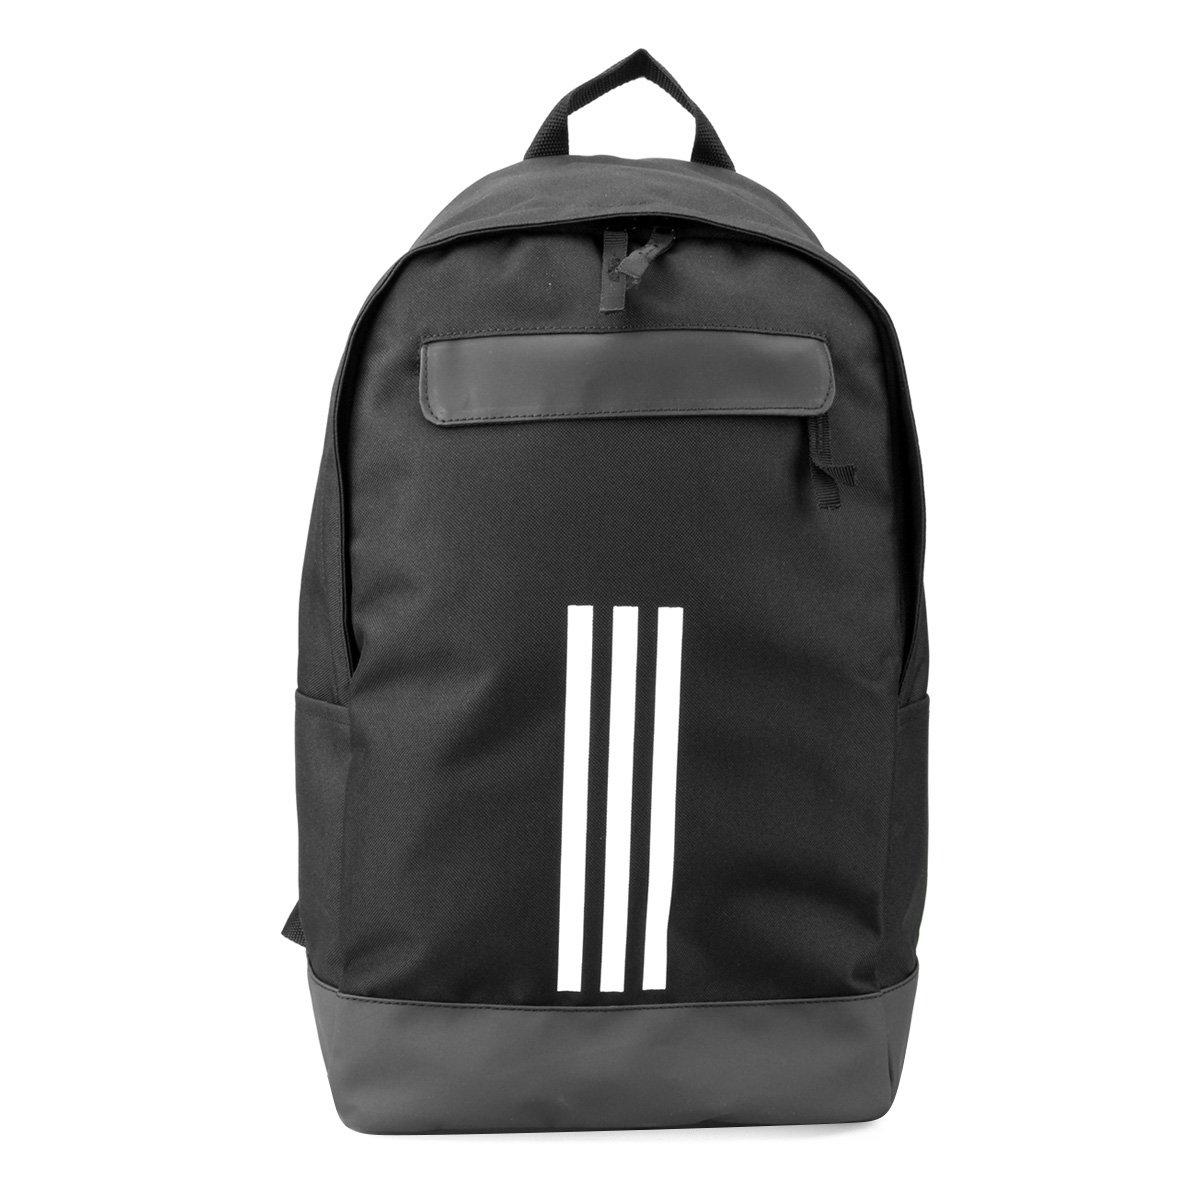 ef5460929f5 Mochila Adidas Classic 3 - Compre Agora